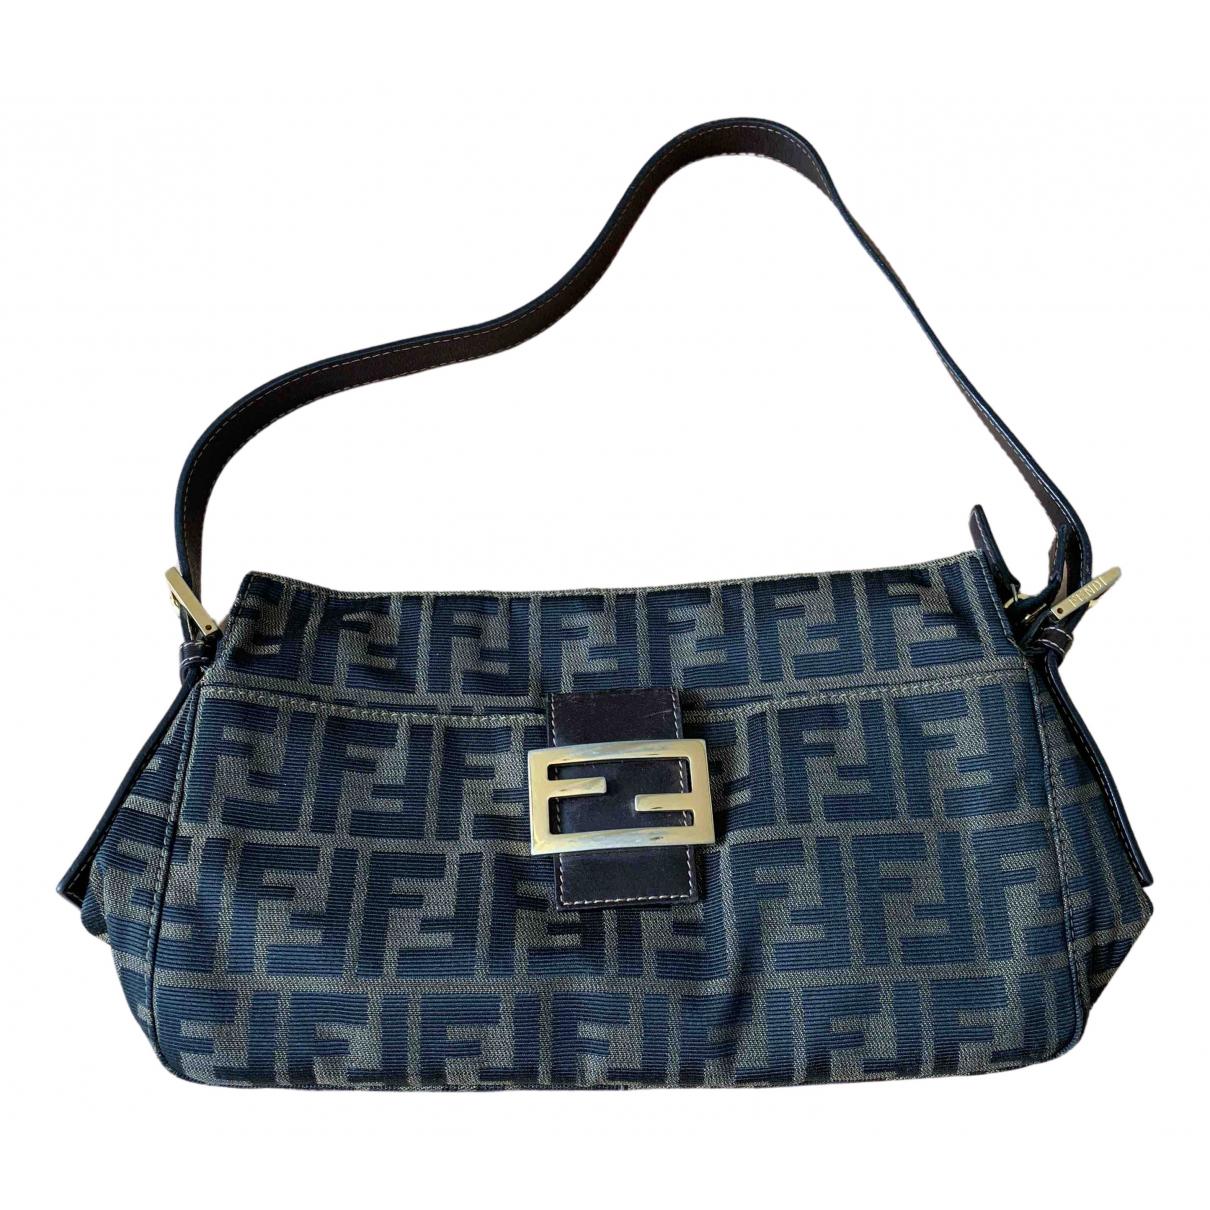 Fendi N Cloth handbag for Women N